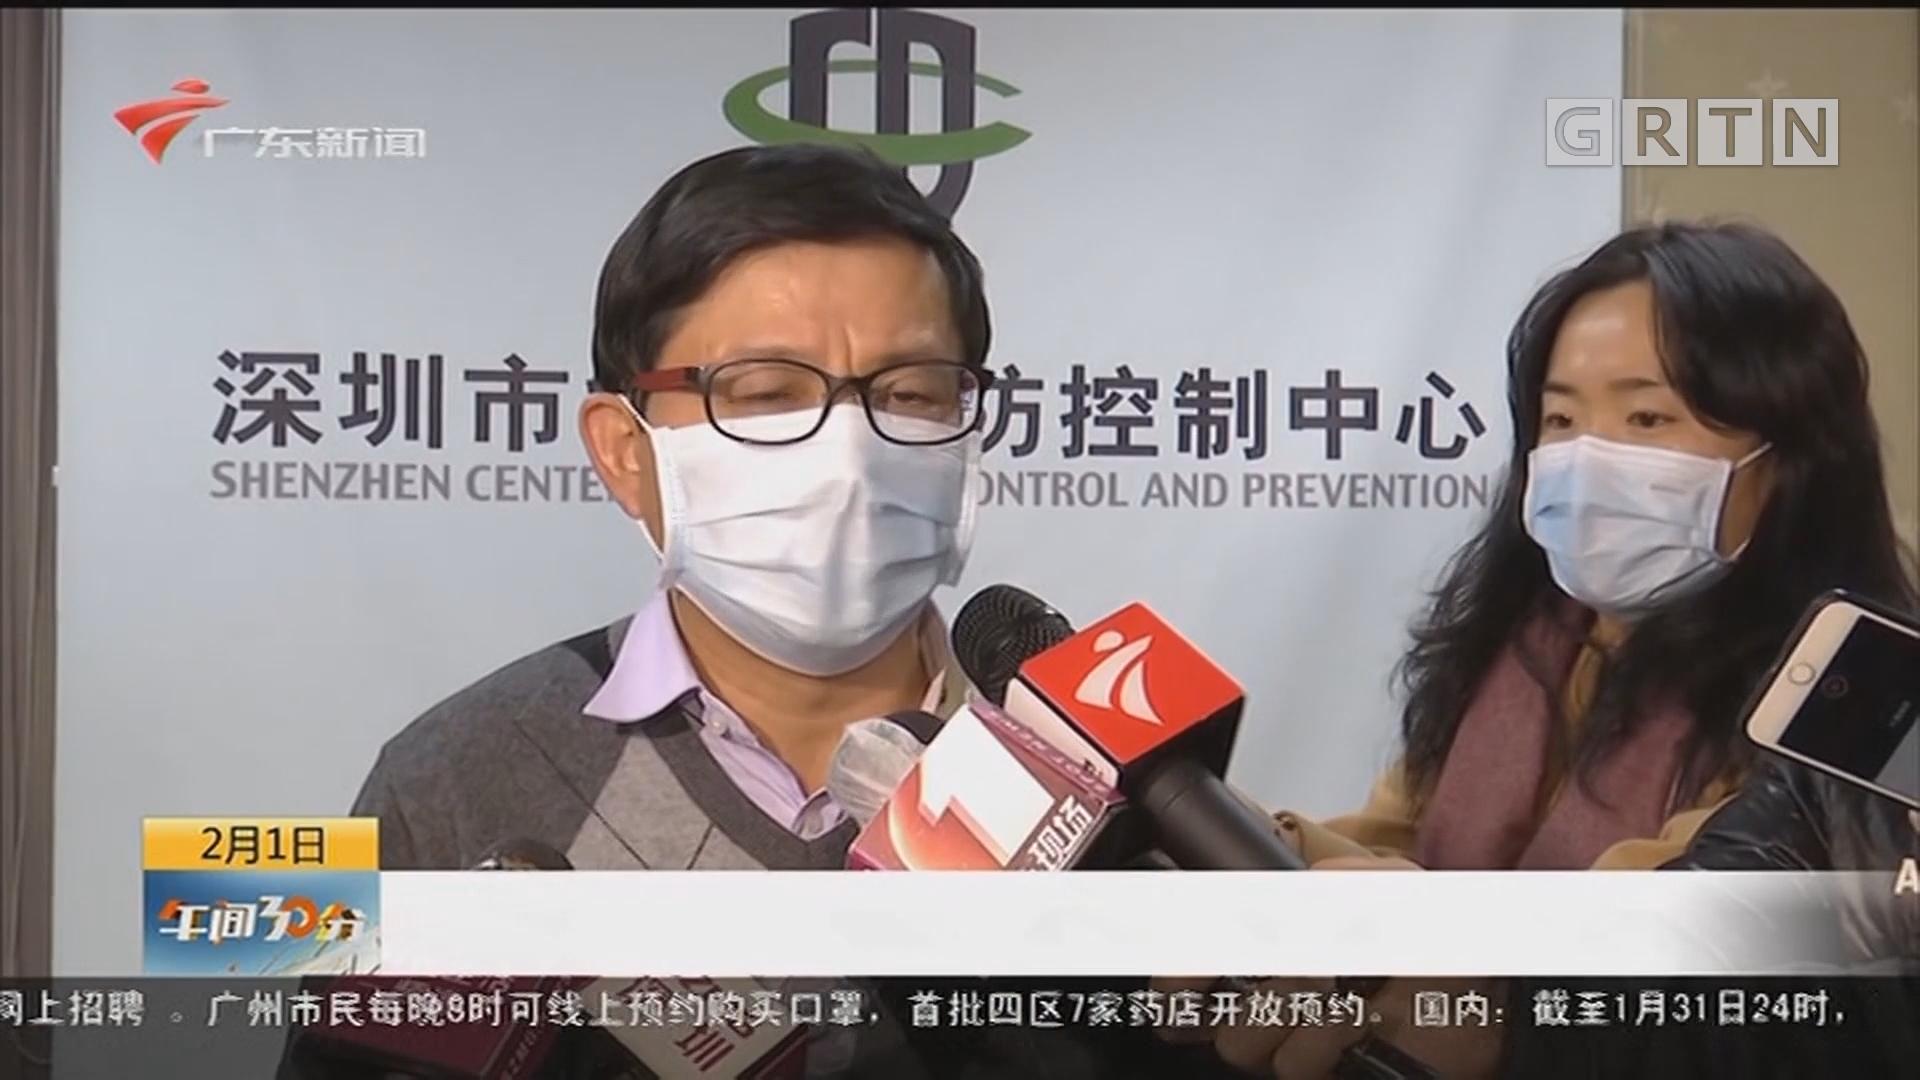 深圳:首次公布确诊病人曾逗留场所